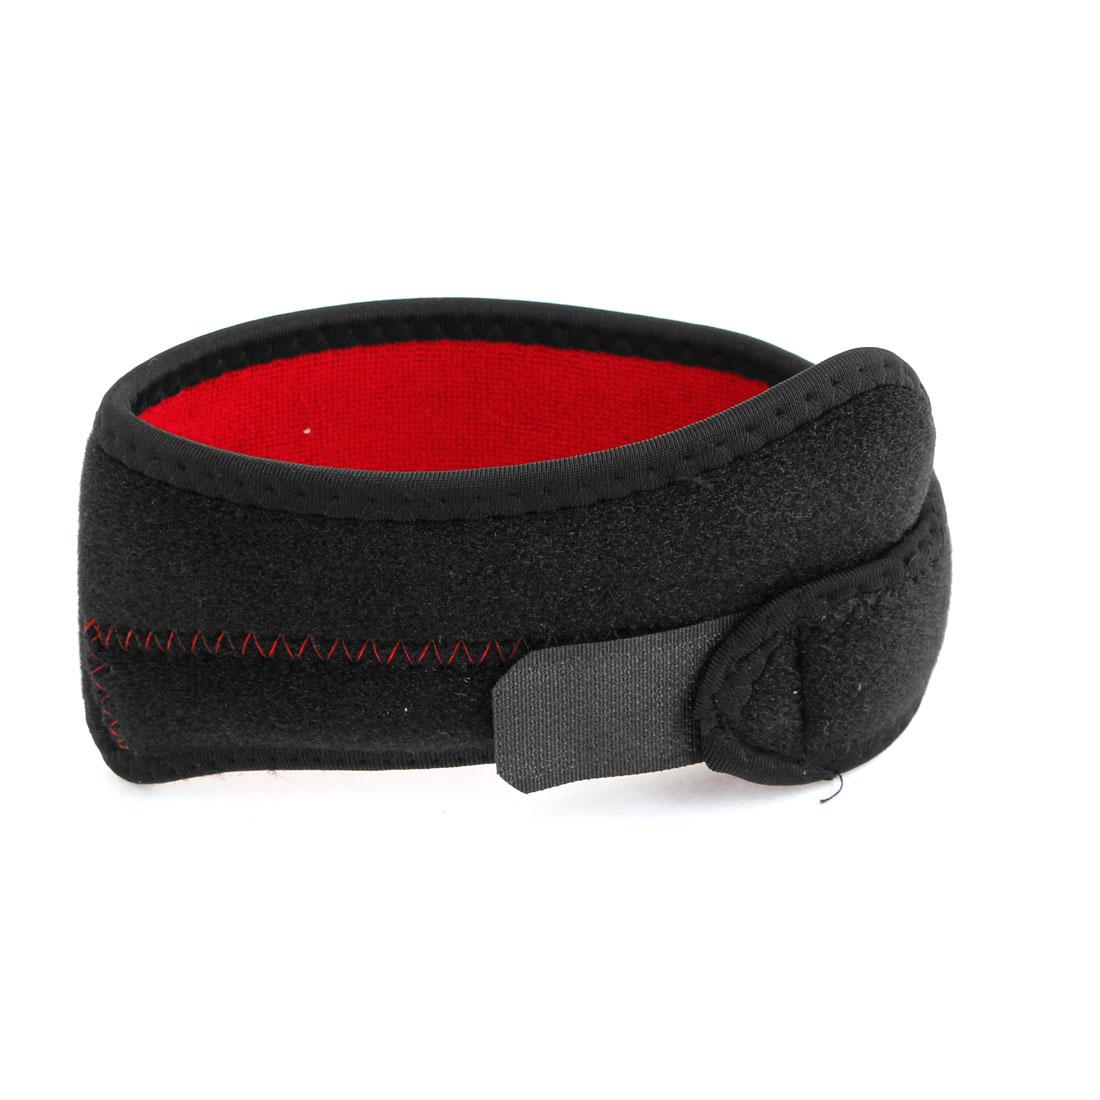 Sports Training Black Red Hook Loop Fastener Neoprene Knee Support Brace